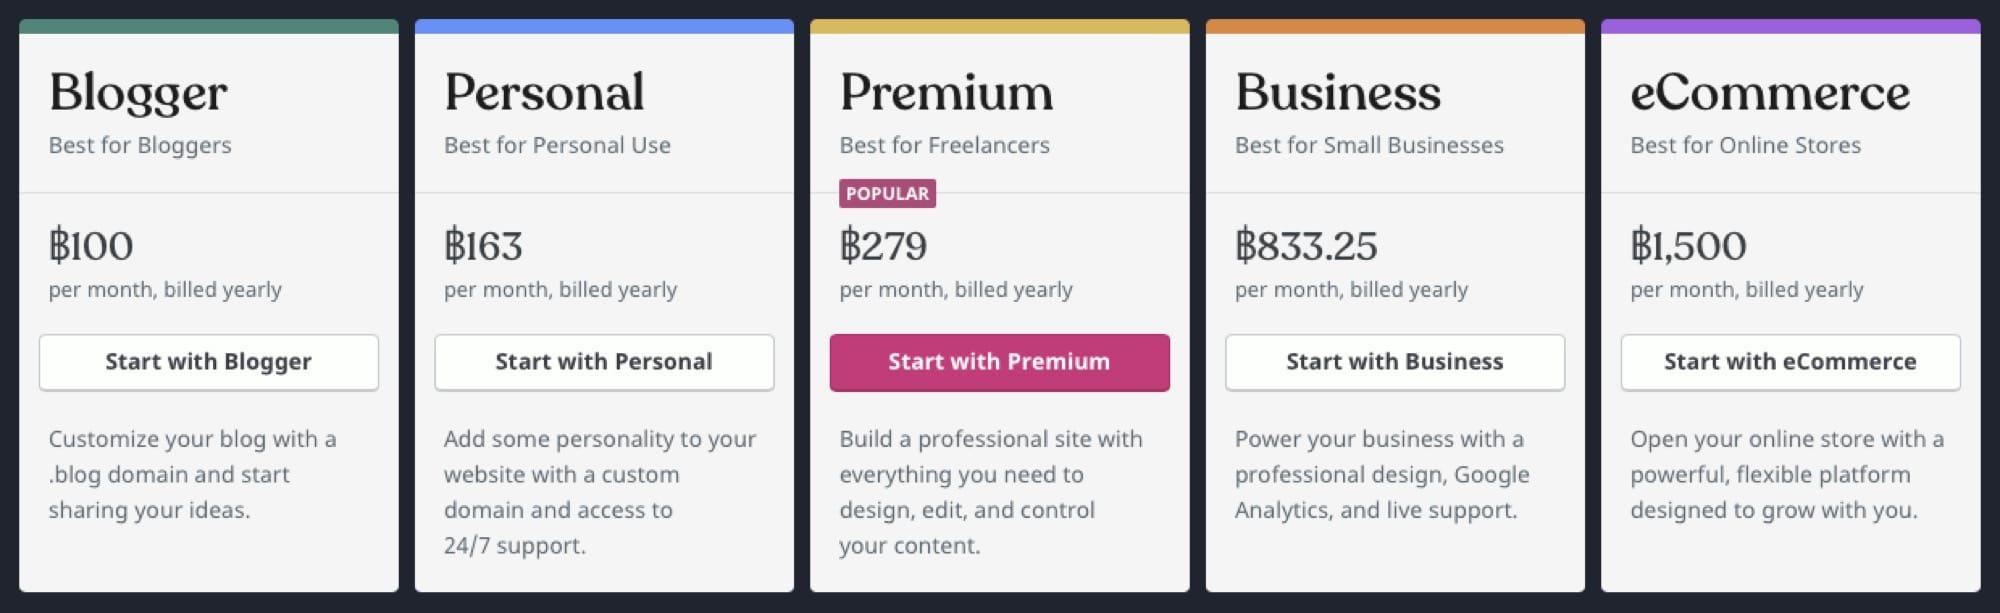 - แจกคูปองส่วนลด Wordpress.com ลดทันที 20%